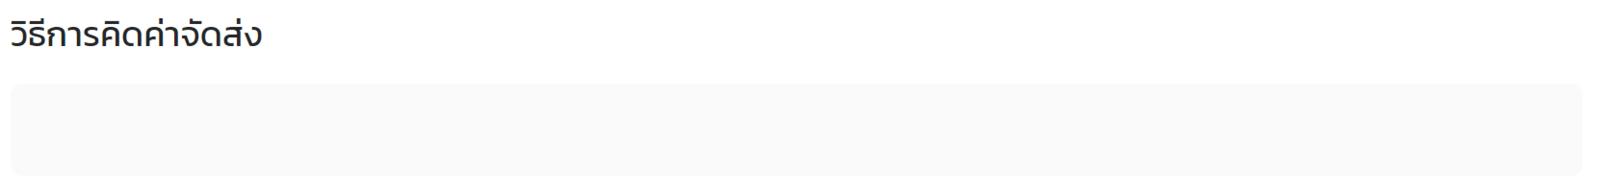 ตัวอย่างช่องทางการจัดส่งที่ 4 จะไม่ถูกแสดงบนหน้าเว็บไซต์